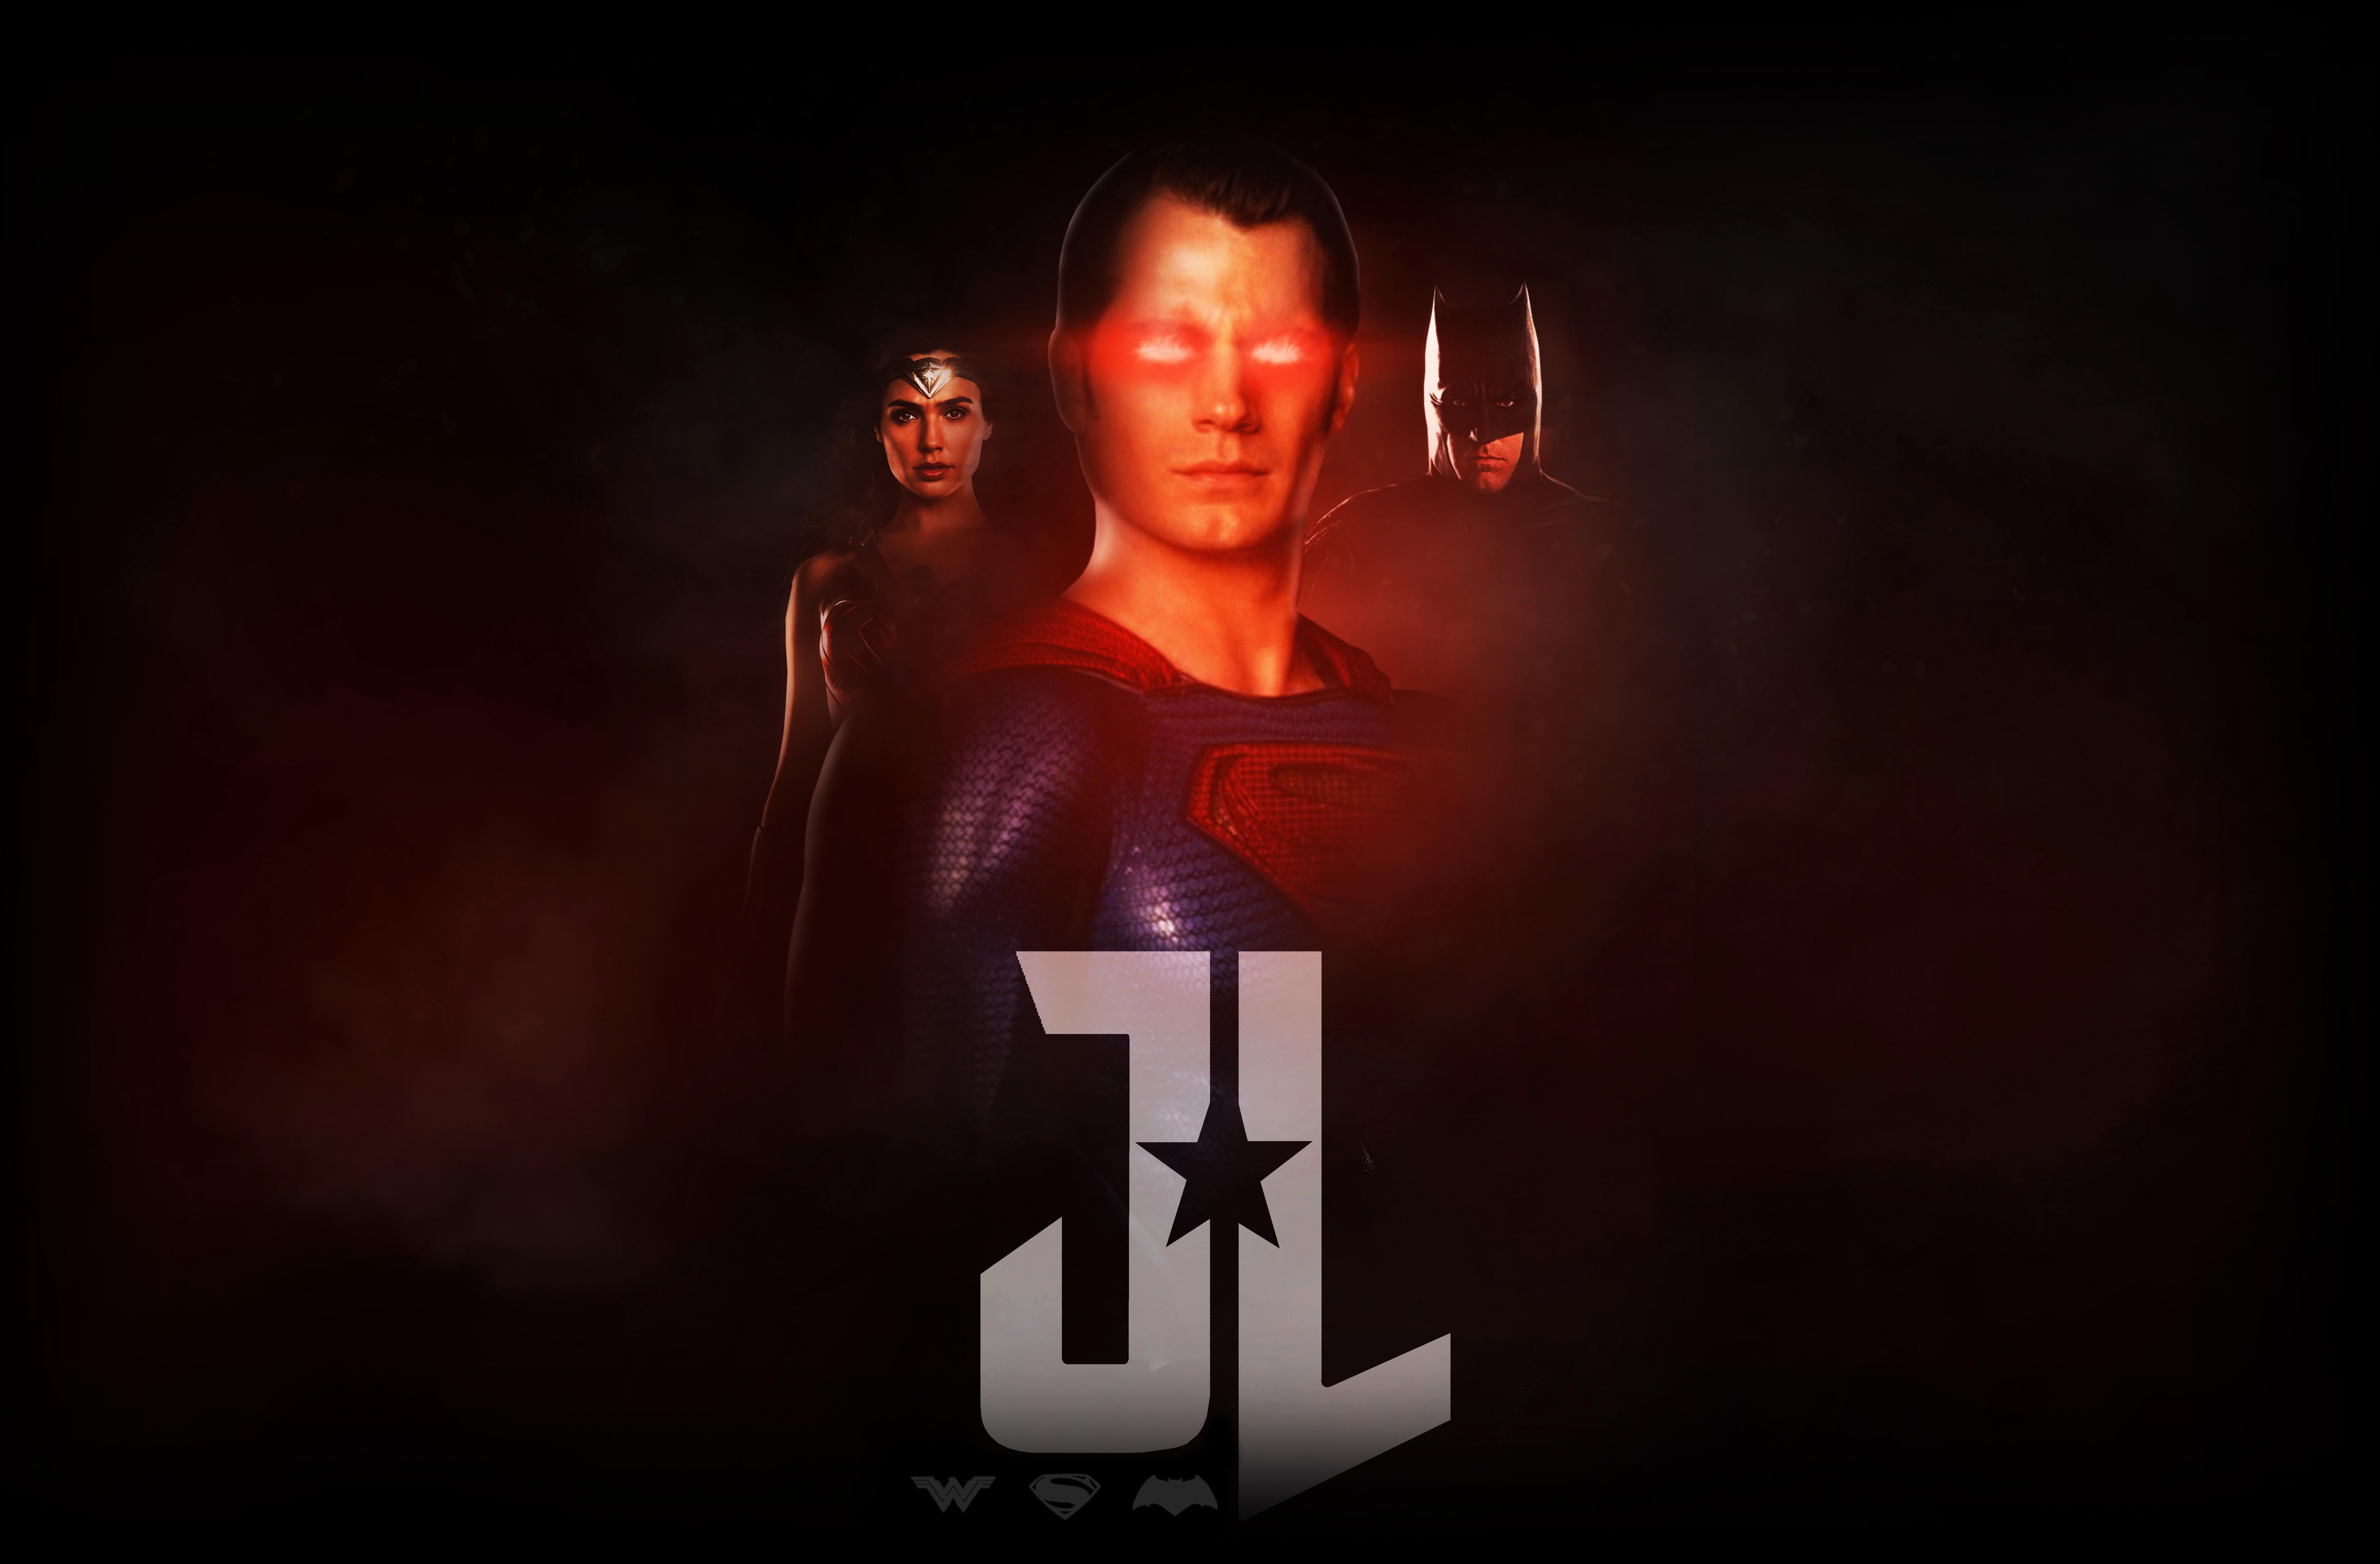 Wonder Woman Justice League 4k Fan Art Hd Movies 4k